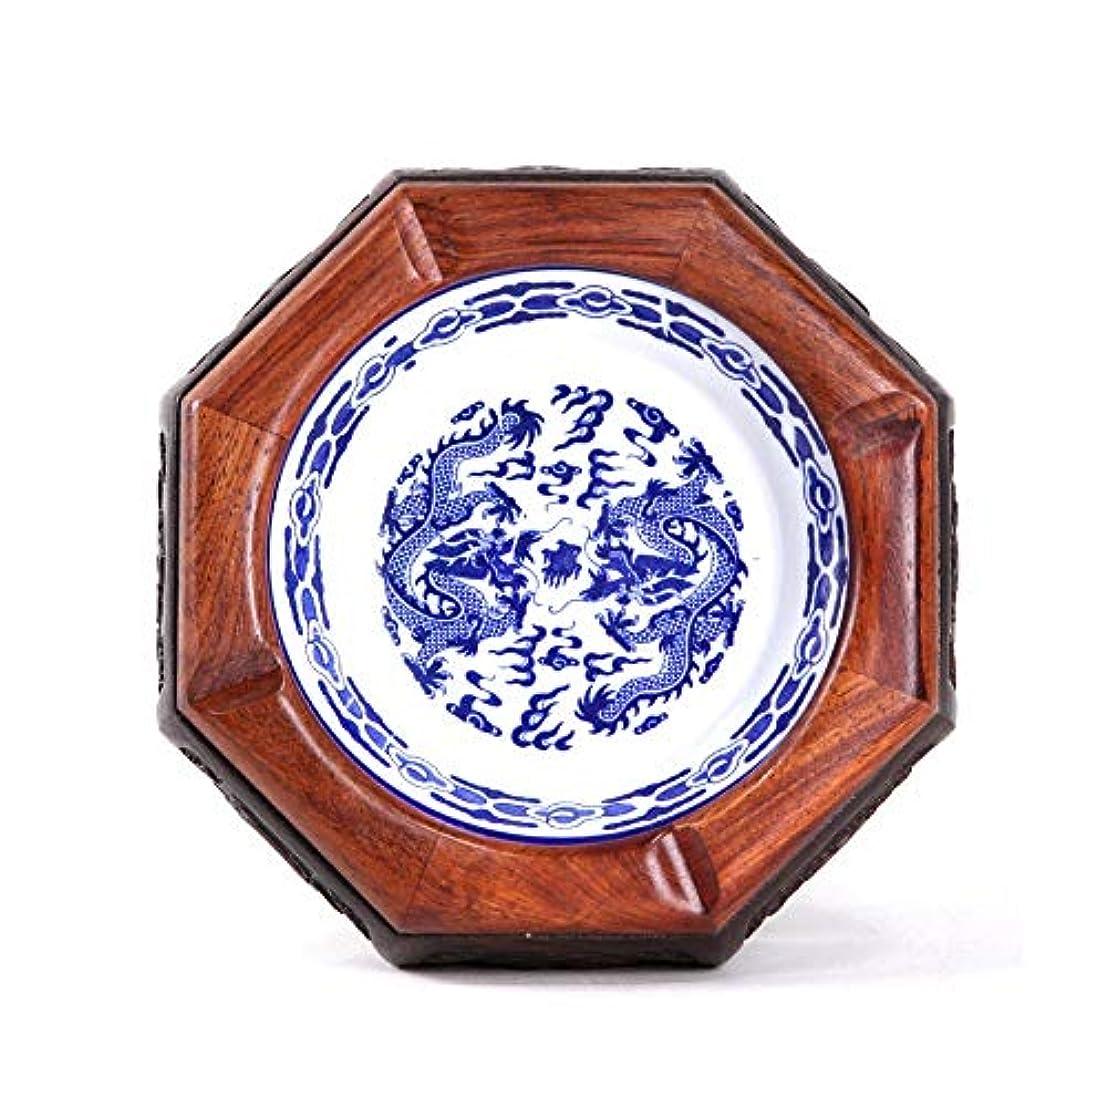 意図する密作詞家オフィスの居間の灰皿、中国のレトロな陶磁器並ぶ木製の灰皿、家の屋内と屋外の庭のエレガントな灰皿 (色 : L)